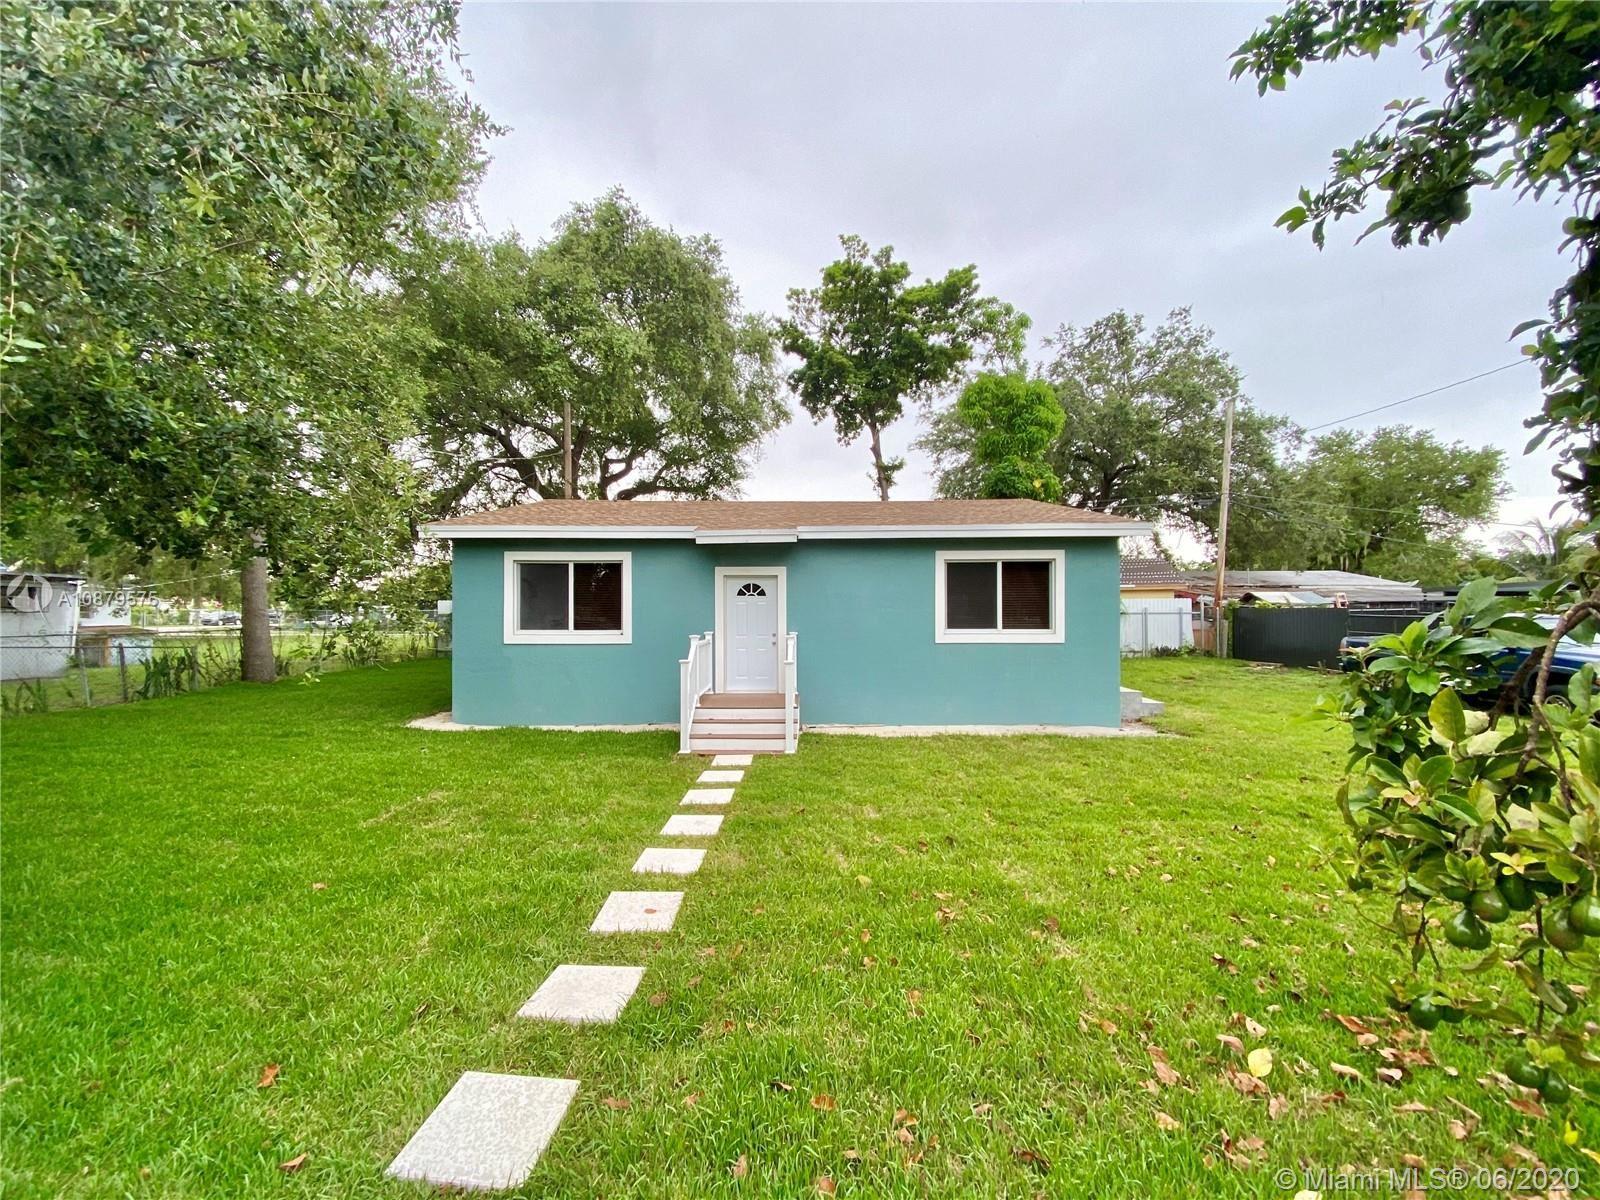 2389 NW 88th St, Miami, FL 33147 - #: A10879575